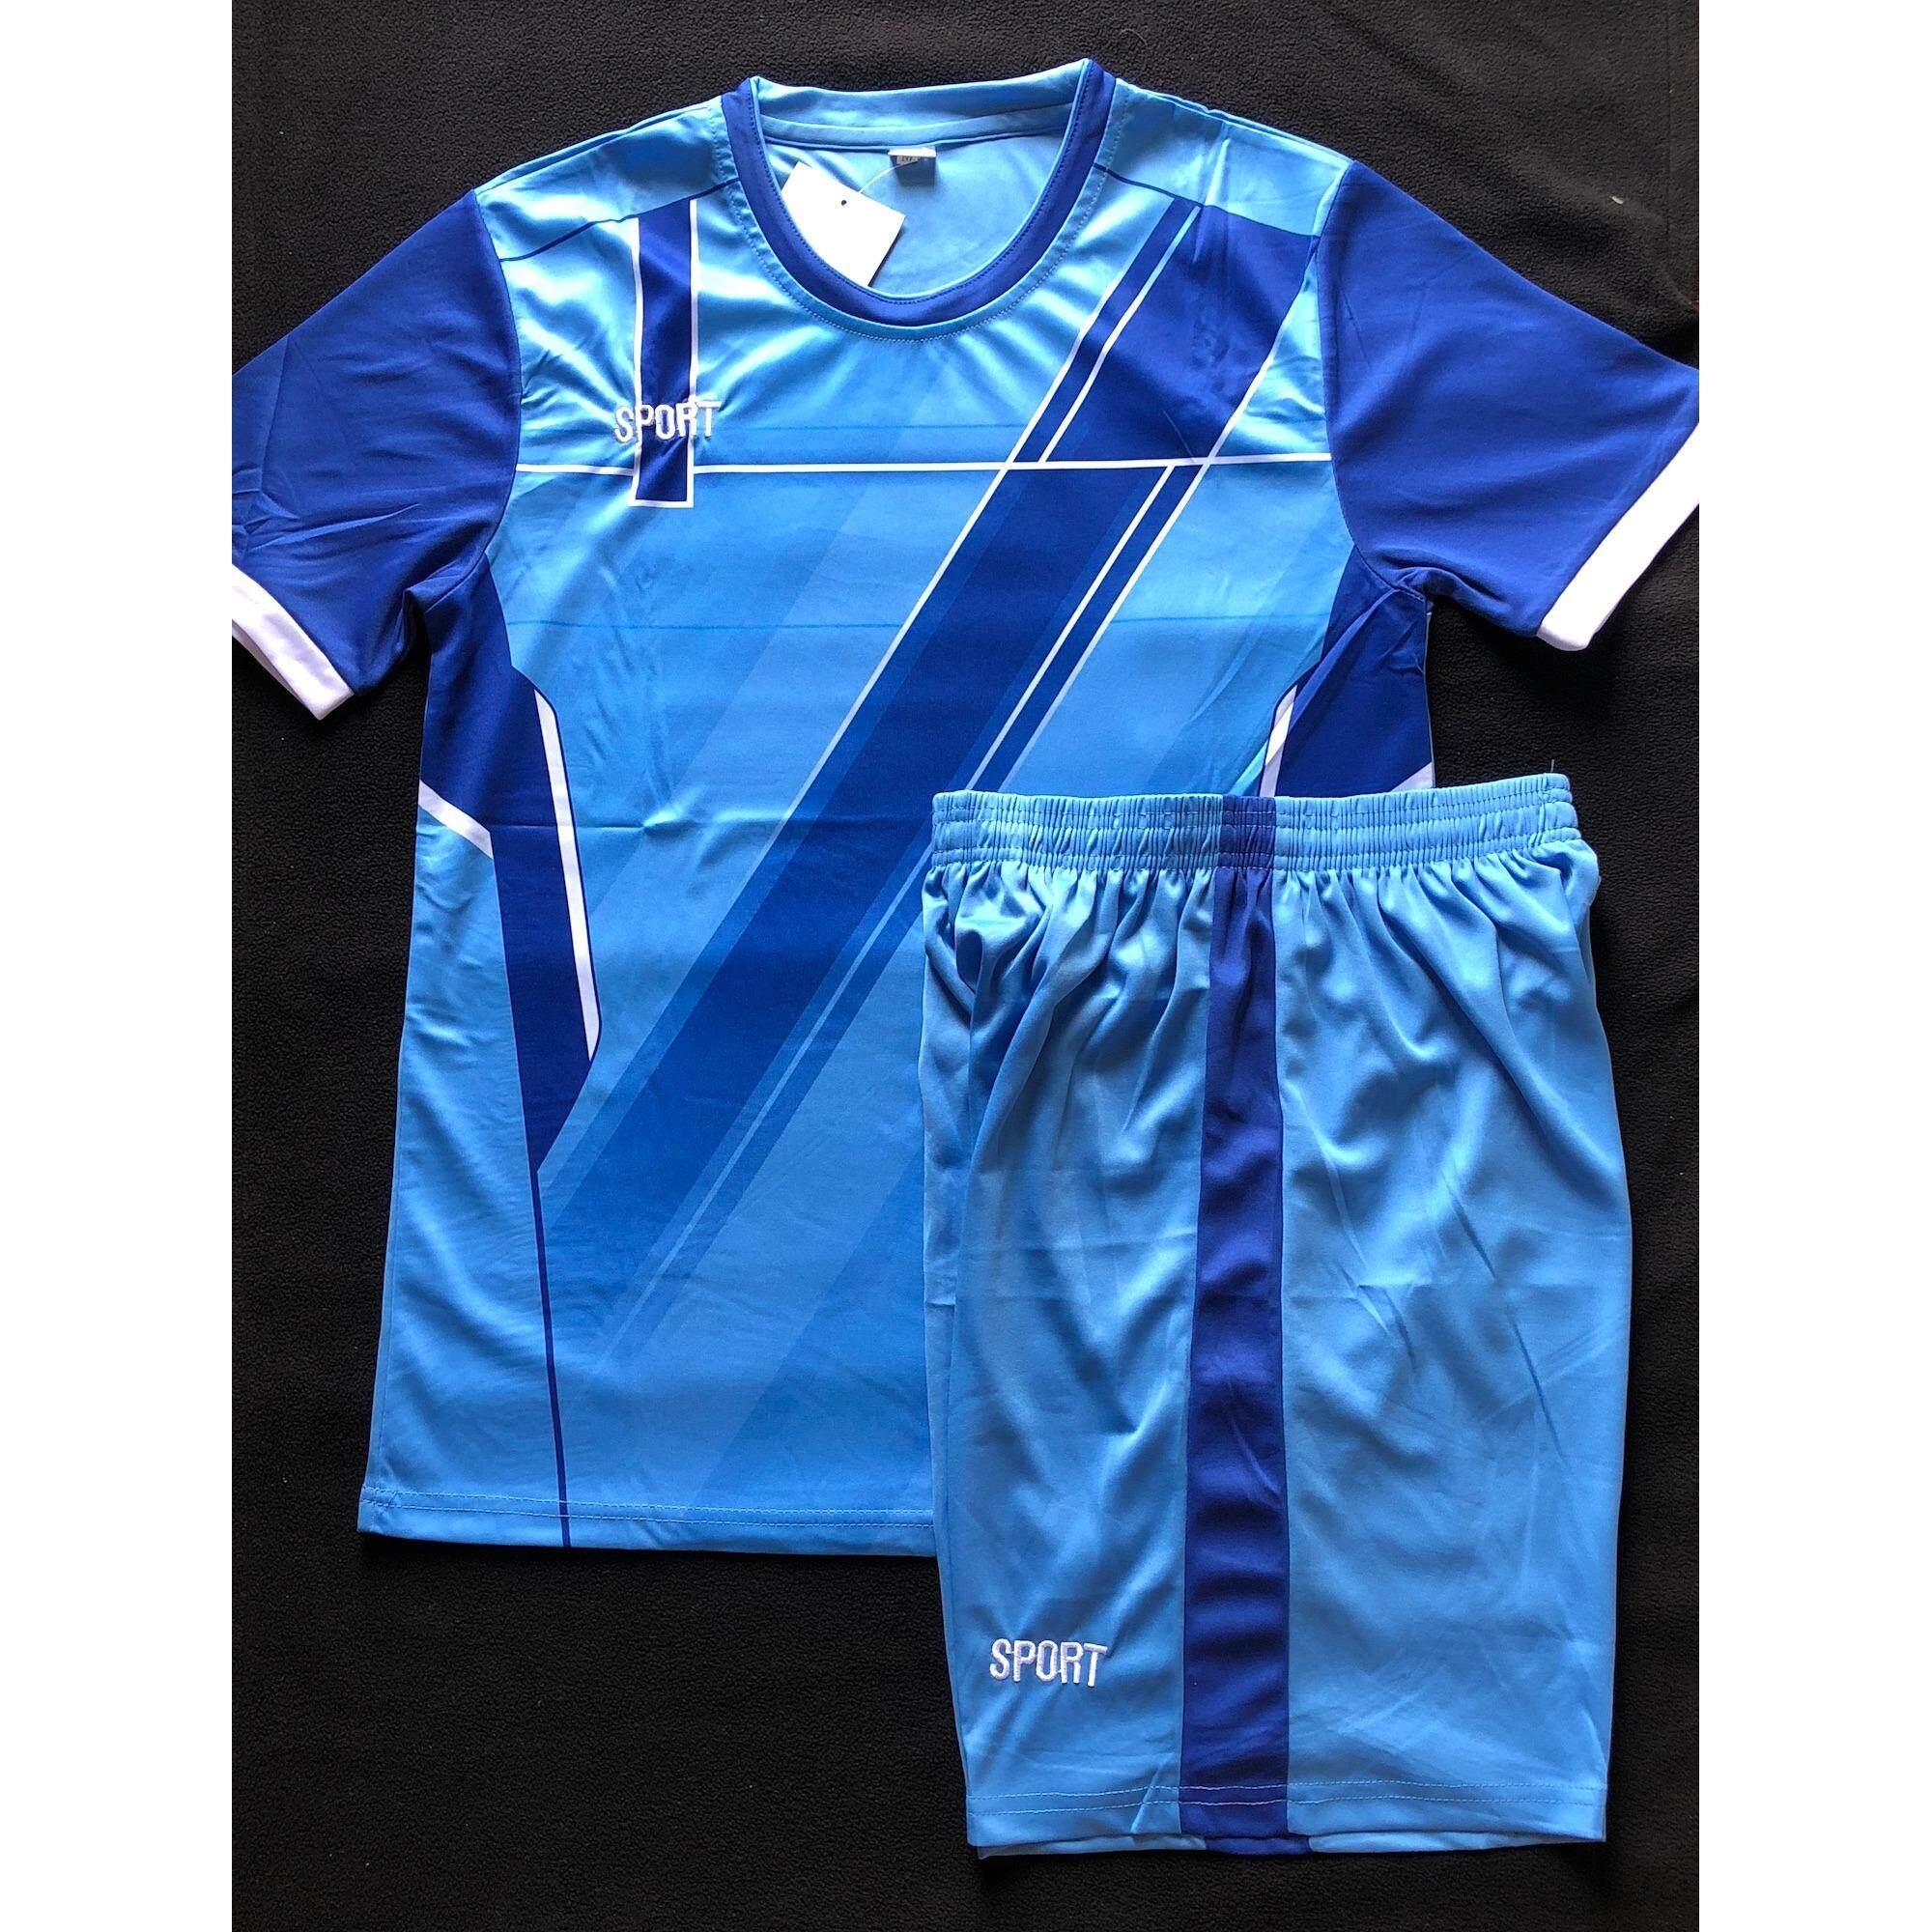 ราคา Sports ชุดฟุตบอลสำหรับผู้ใหญ่ เสื้อ กางเกง สีฟ้าแต่งน้ำเงิน Model7 Sports เป็นต้นฉบับ